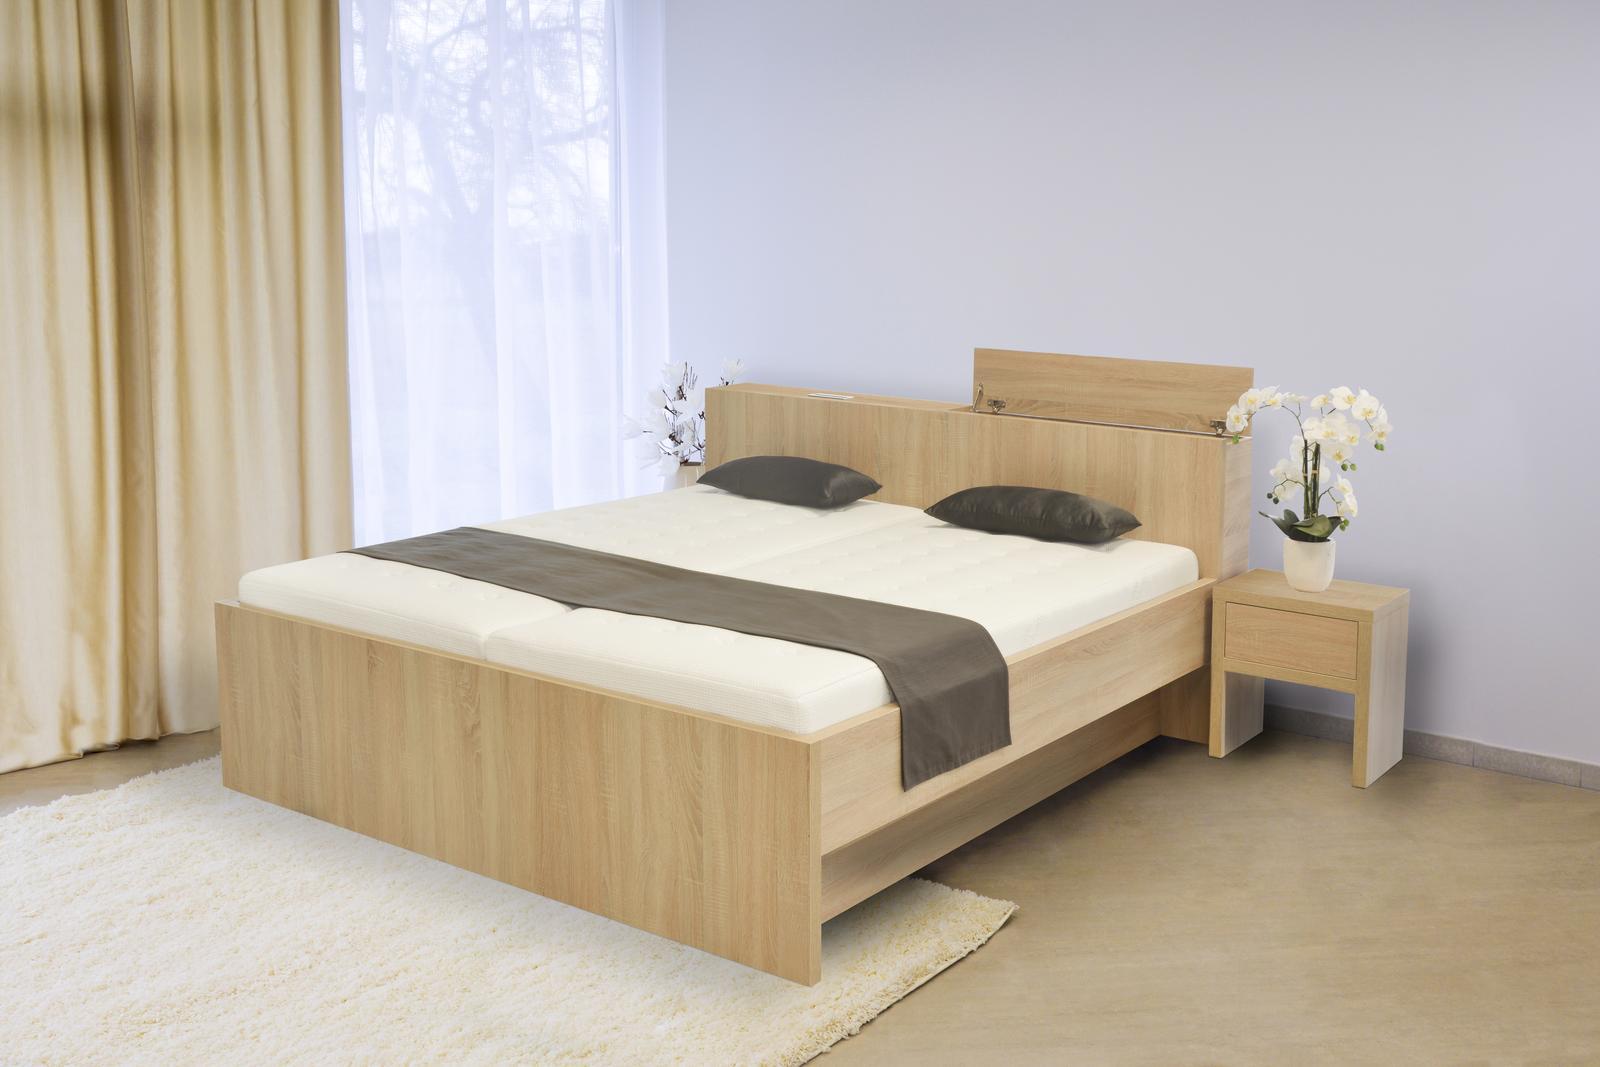 S vůní dřeva - Dřevěná postel Tropea s boxem